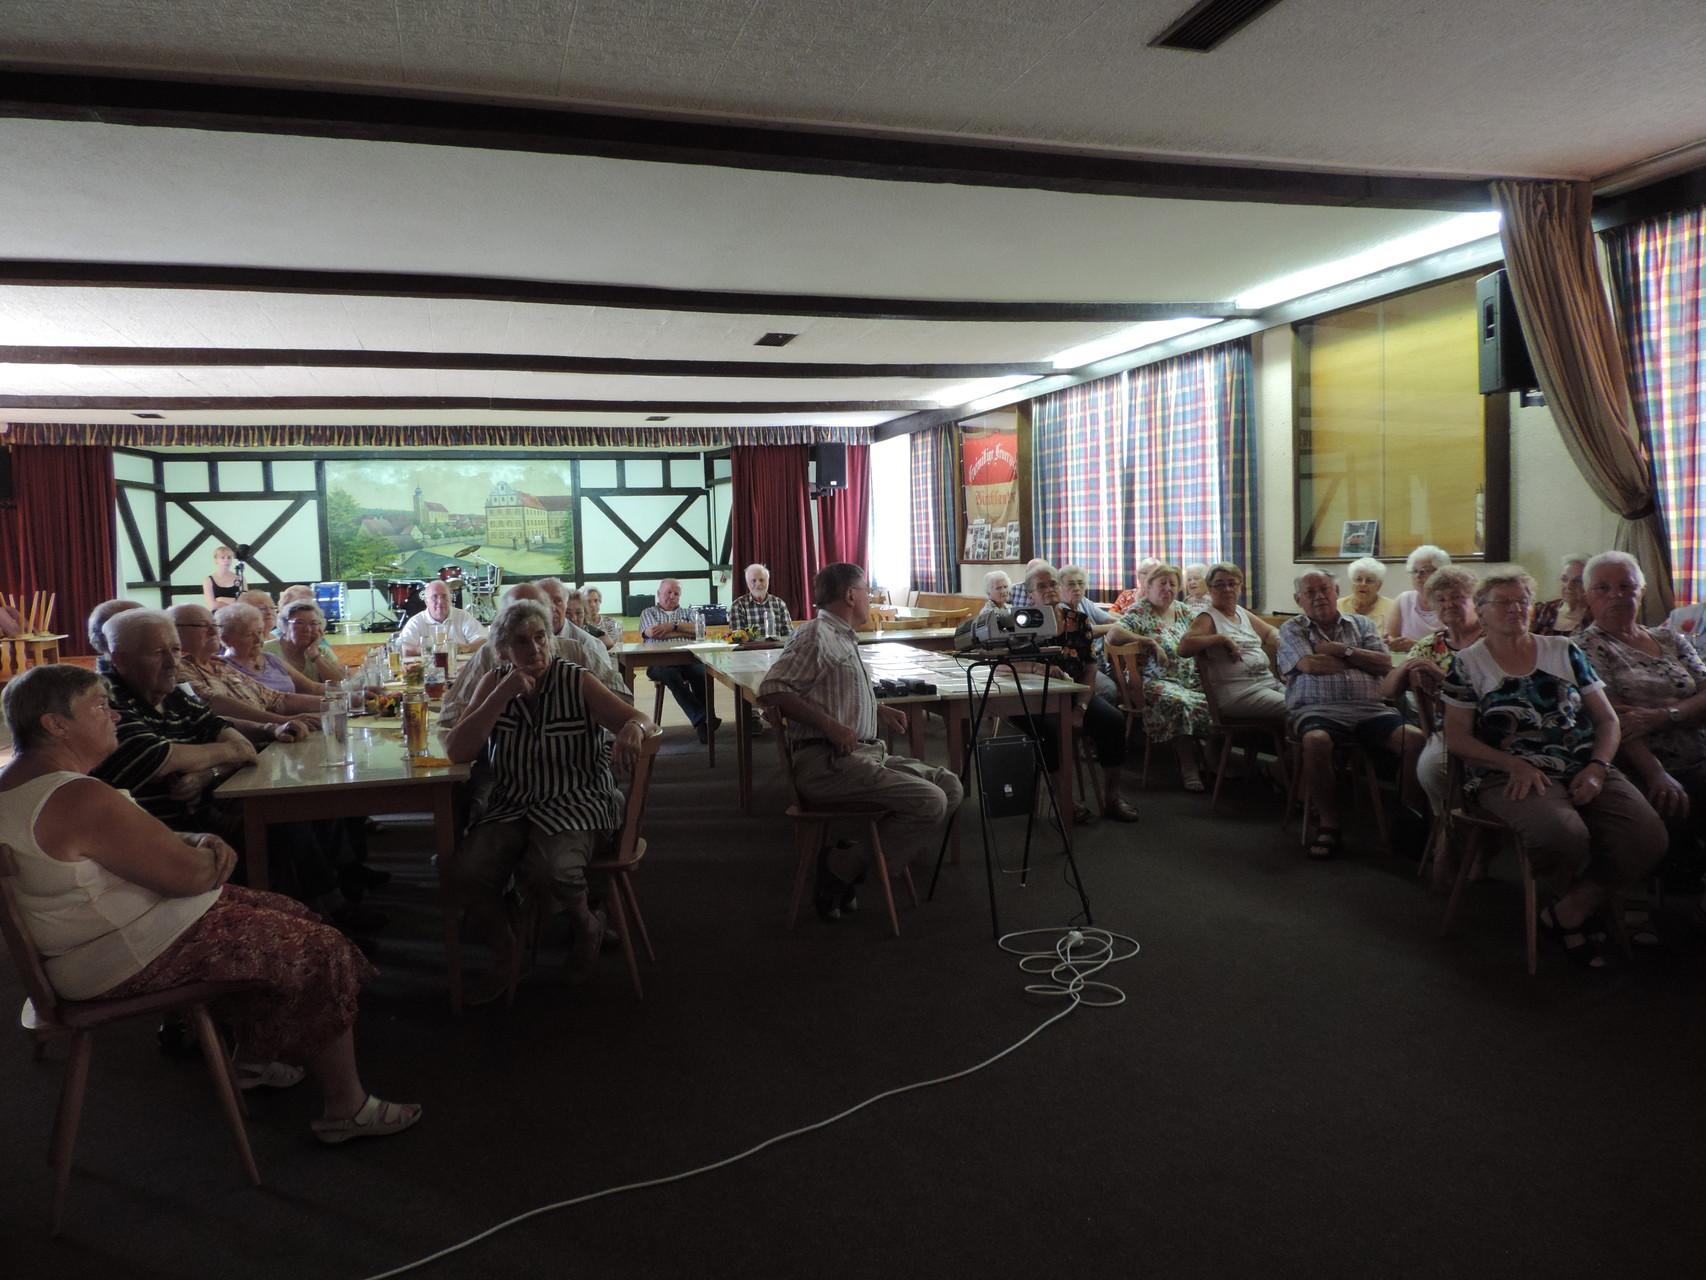 Wir müssen nicht immer durch den ganzen Landkreis reisen, um ehrenamtlicher Arbeit zu begegnen. Ein Beispiel dafür ist der regelmäßig stattfindende Seniorennachmittag in Kirchlauter.